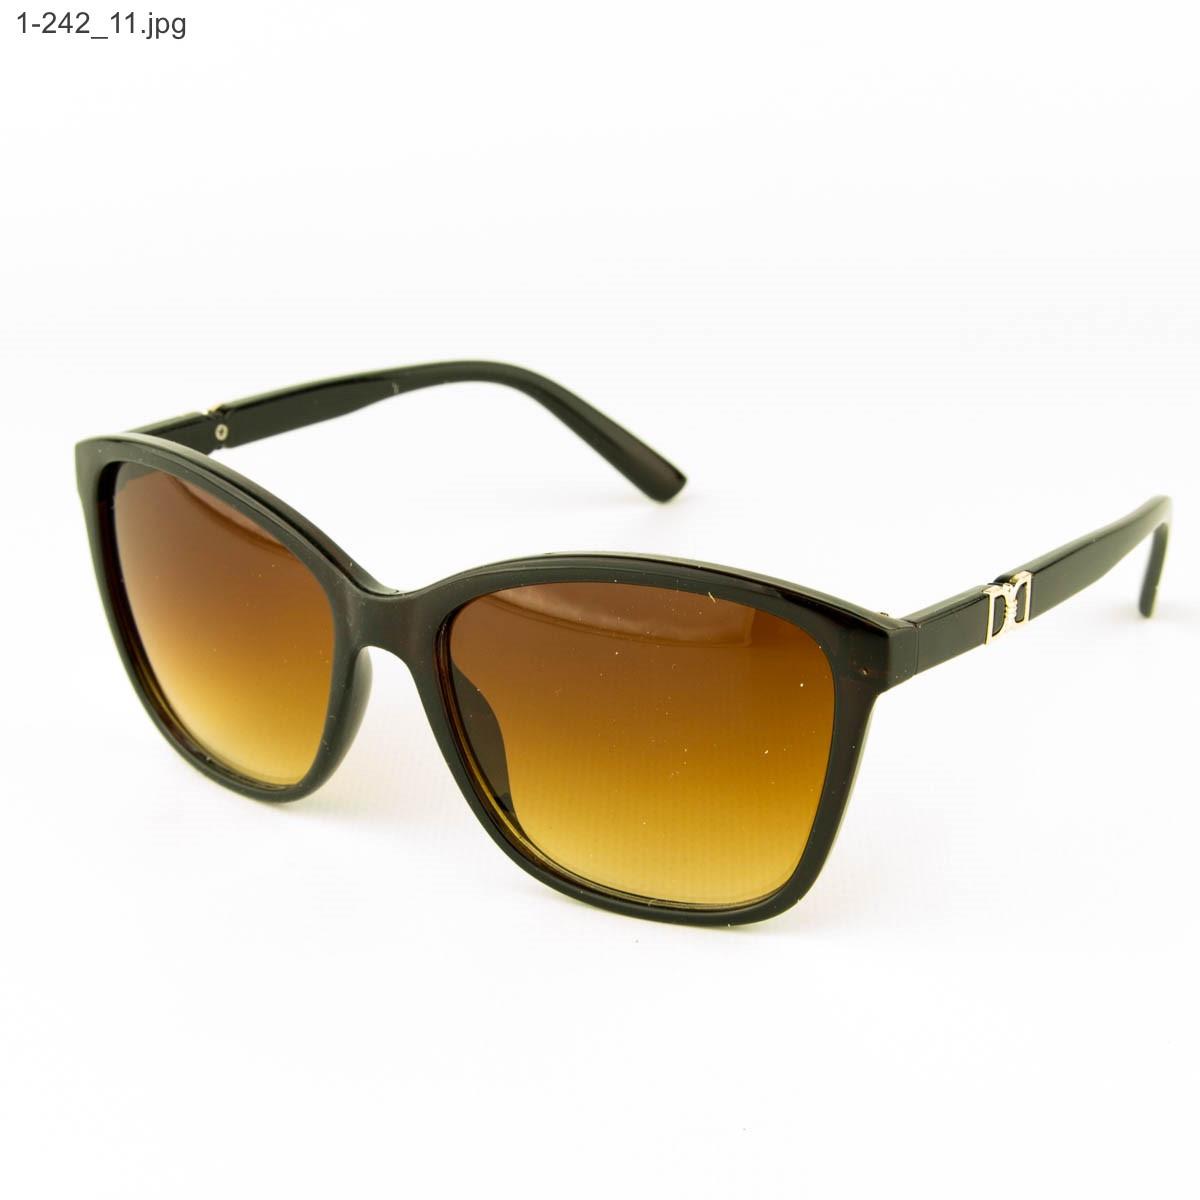 Очки солнцезащитные женские - коричневые- 1-242